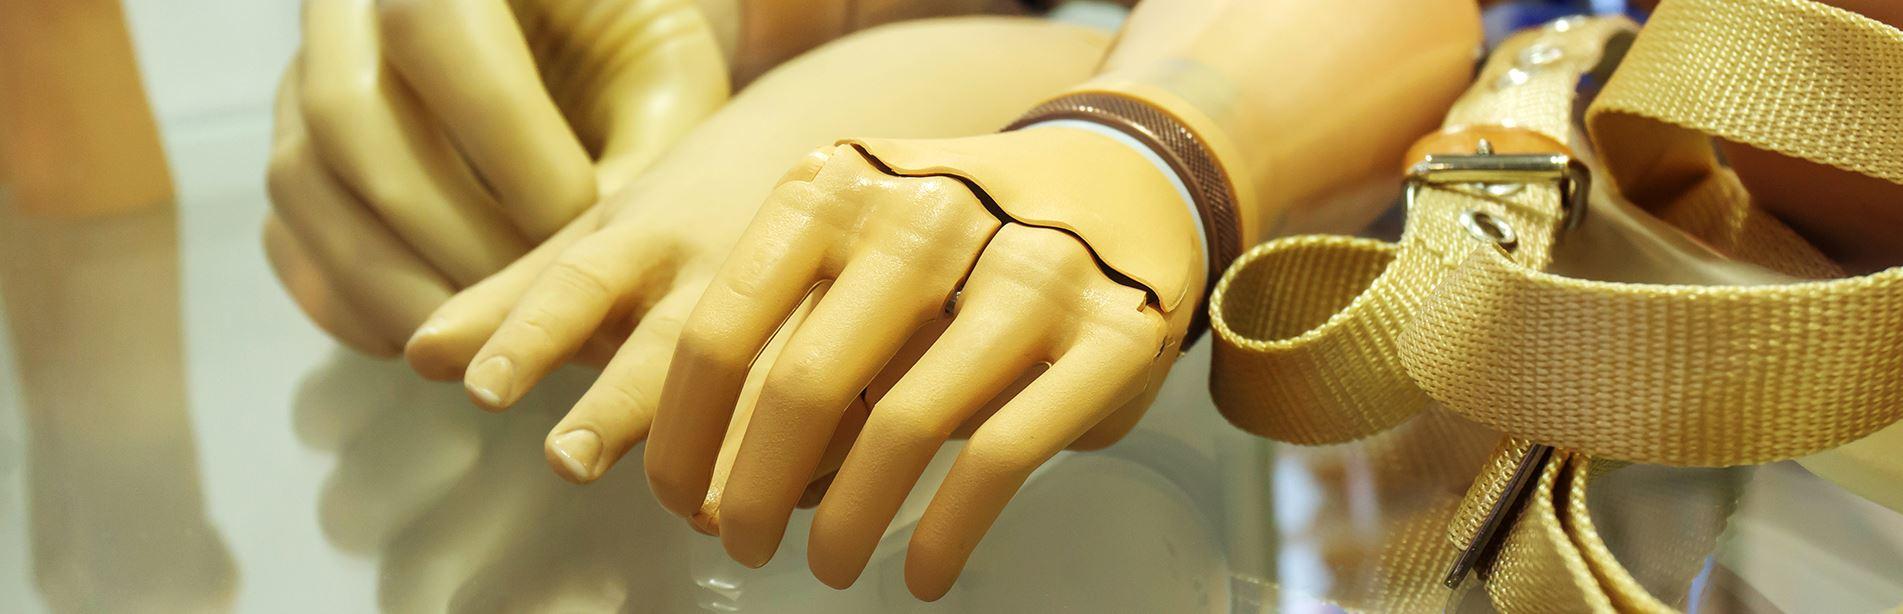 Protezy kończyn górnych